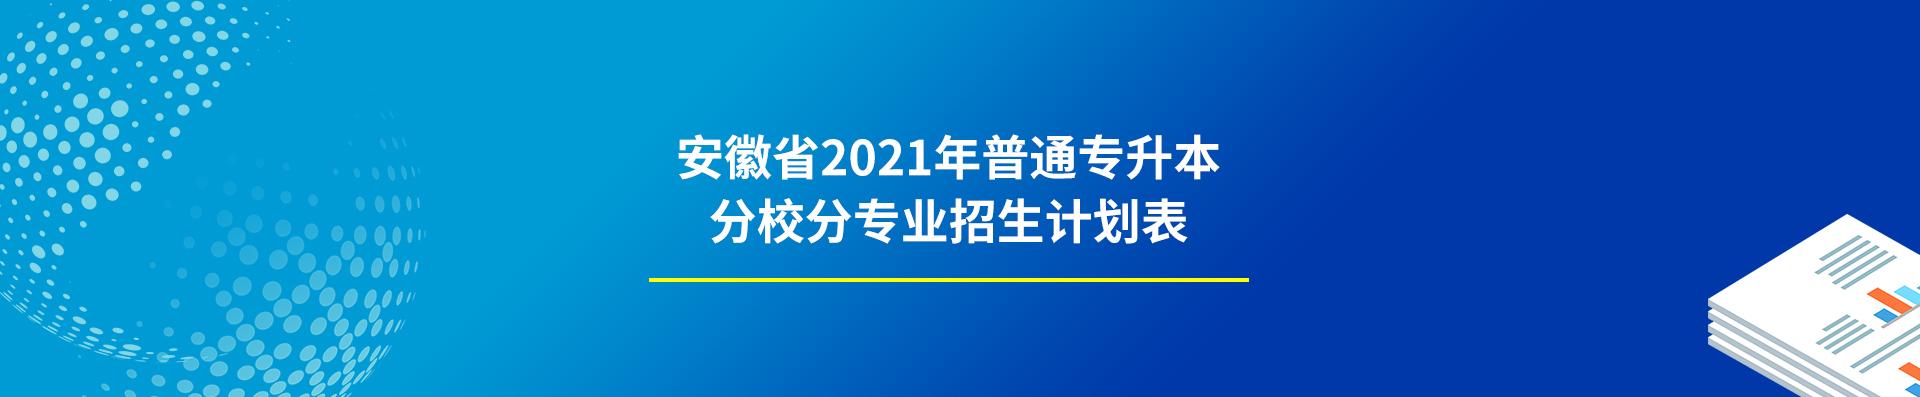 2021年安徽专升本分校招生计划